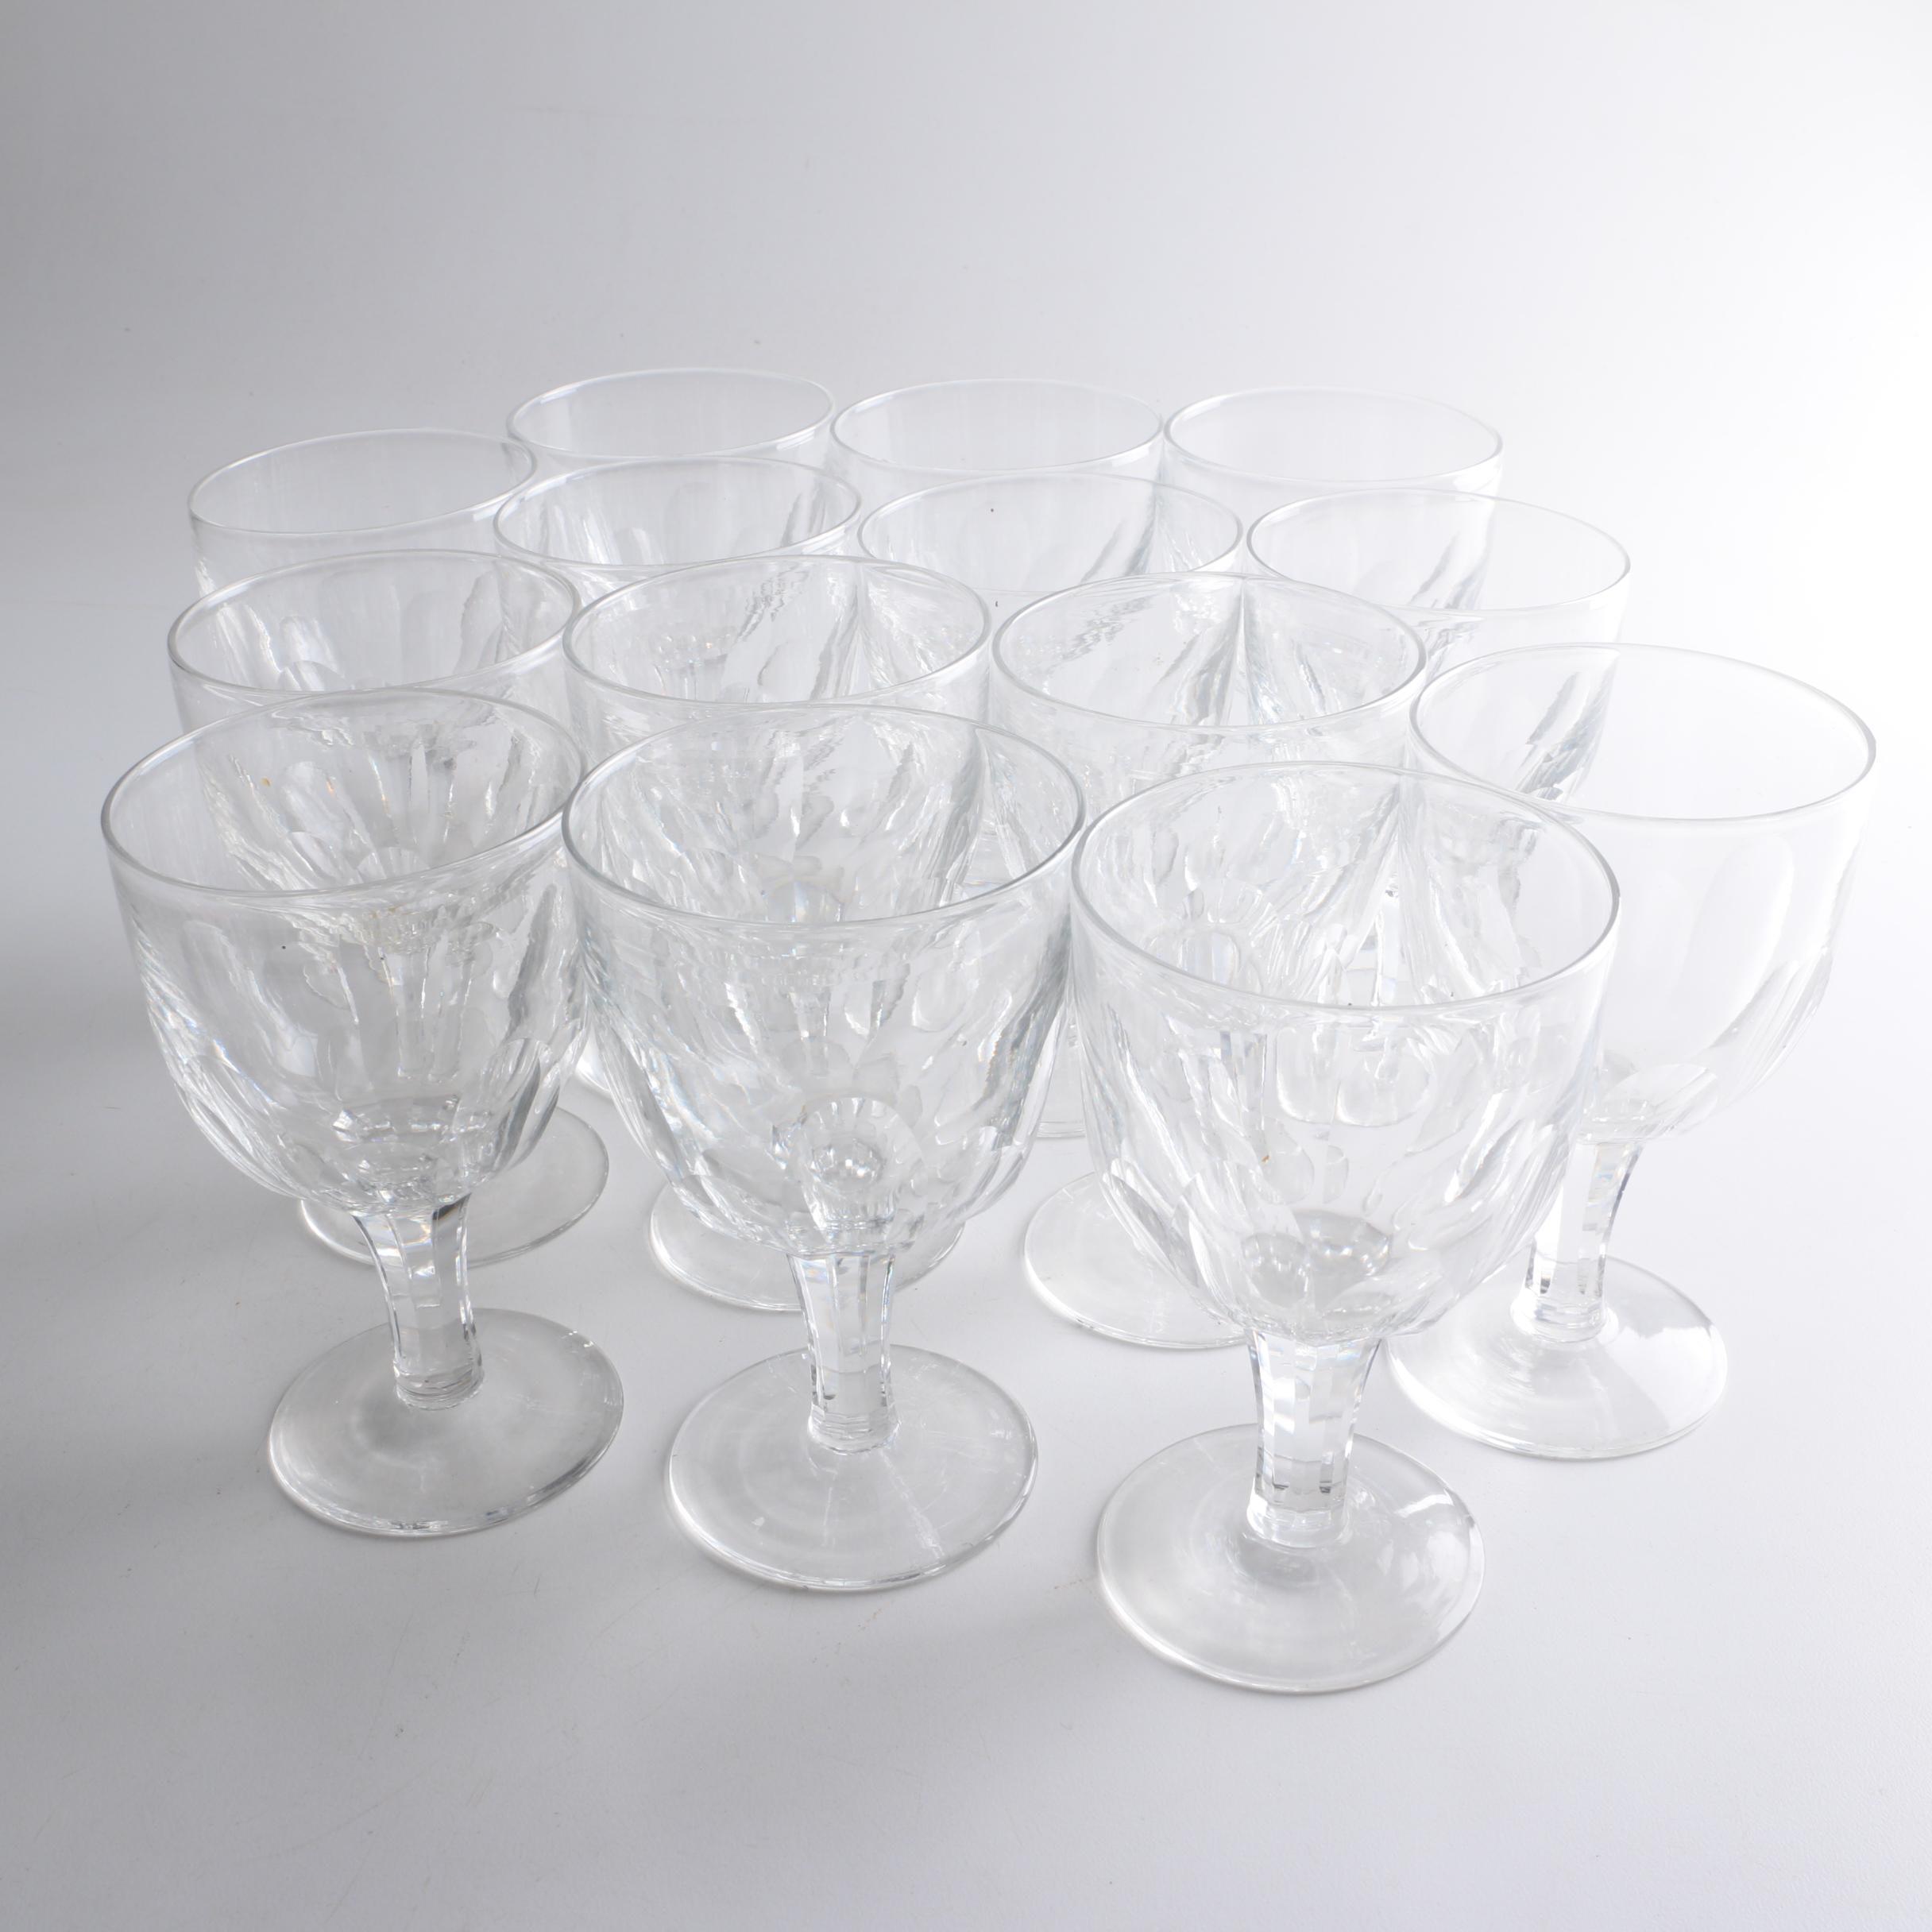 Vintage Edinburgh Crystal Wine Glasses